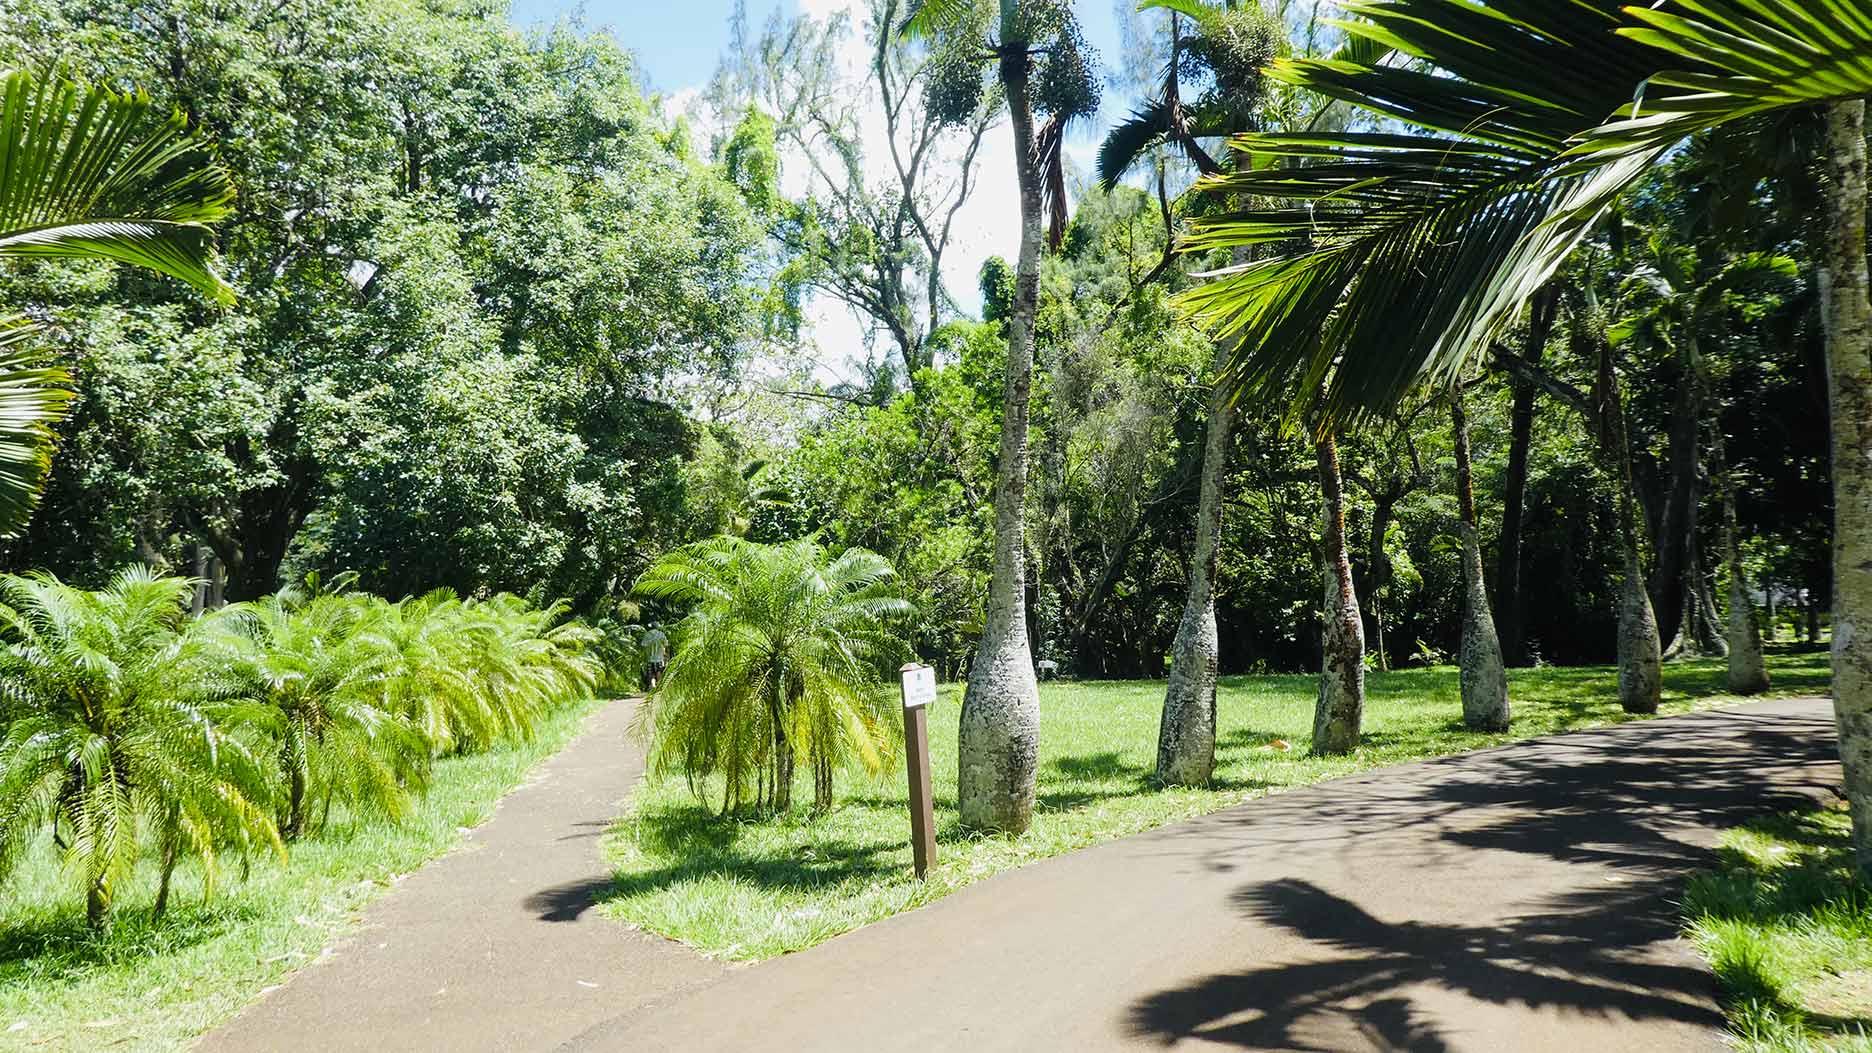 jardin de pamplemousses à l'ile maurice